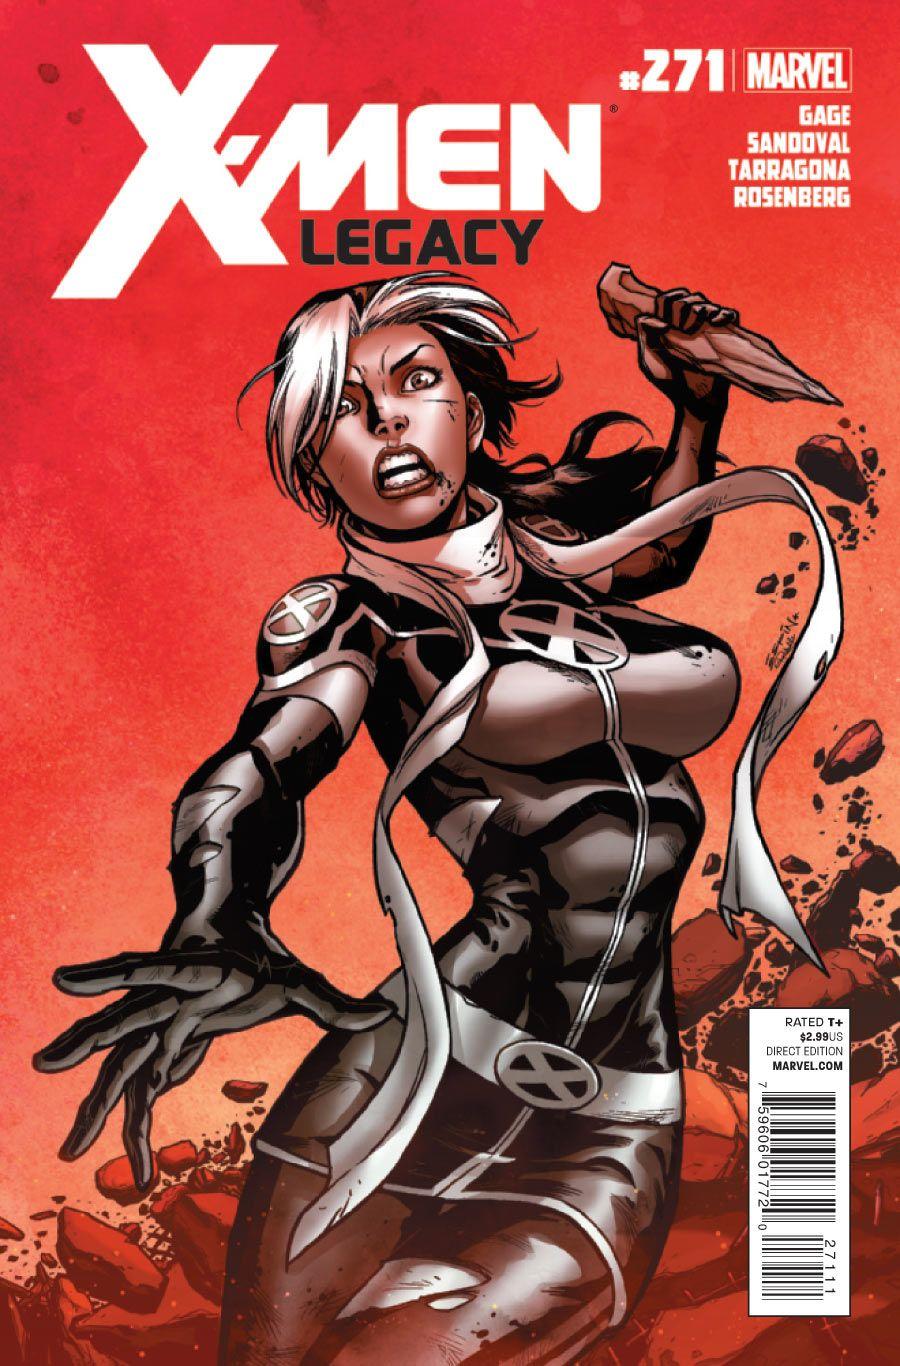 X Men Legacy Vol 1 271 Comics Marvel Rogue Female Comic Characters